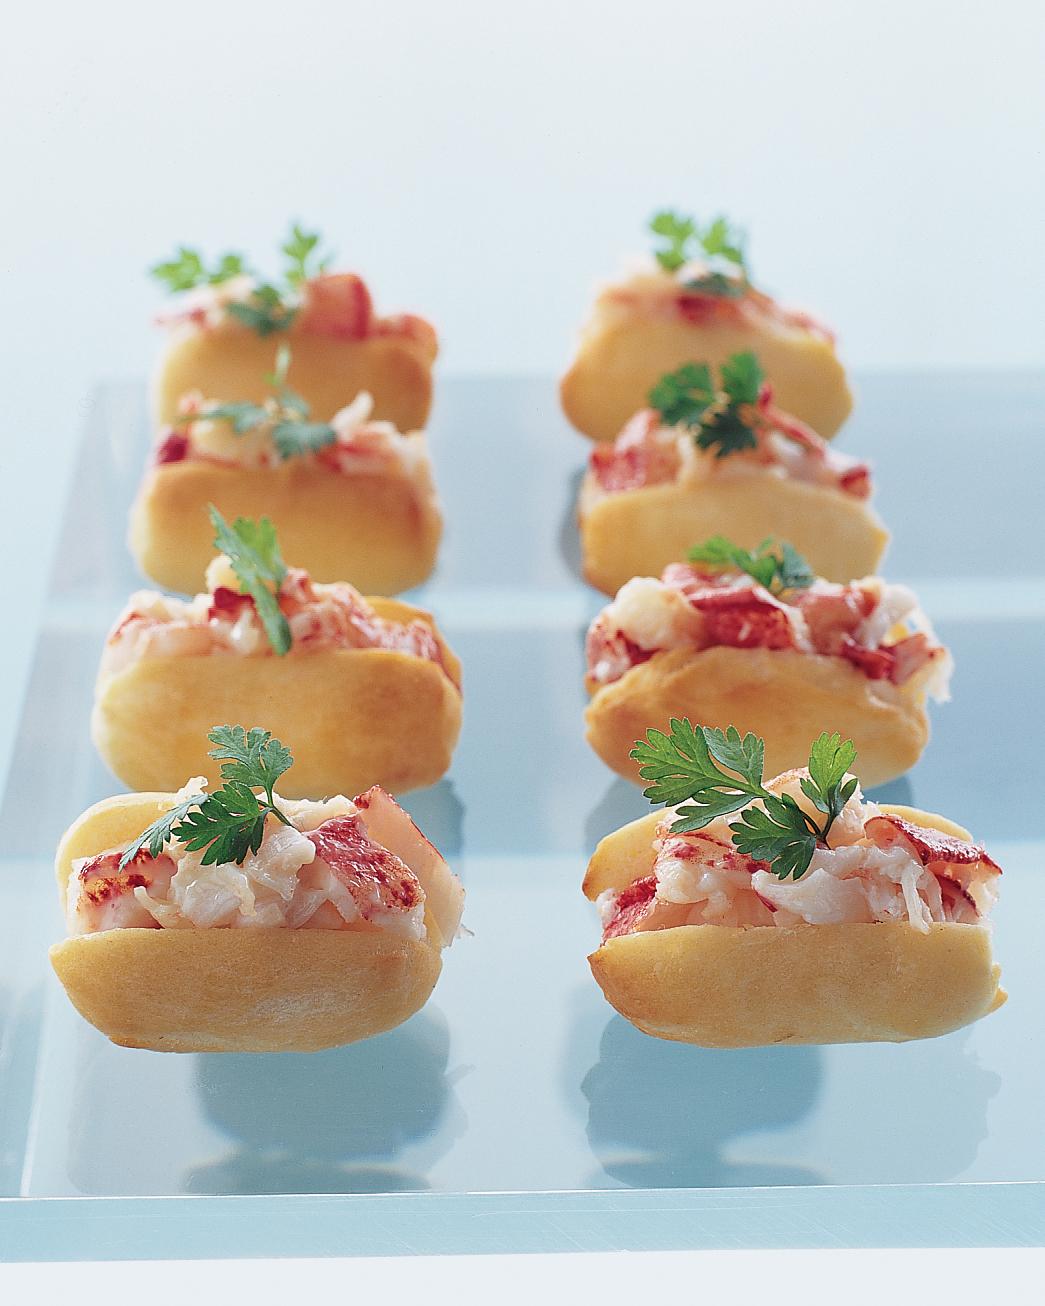 lobster-rolls-sum03-mwa100118.jpg